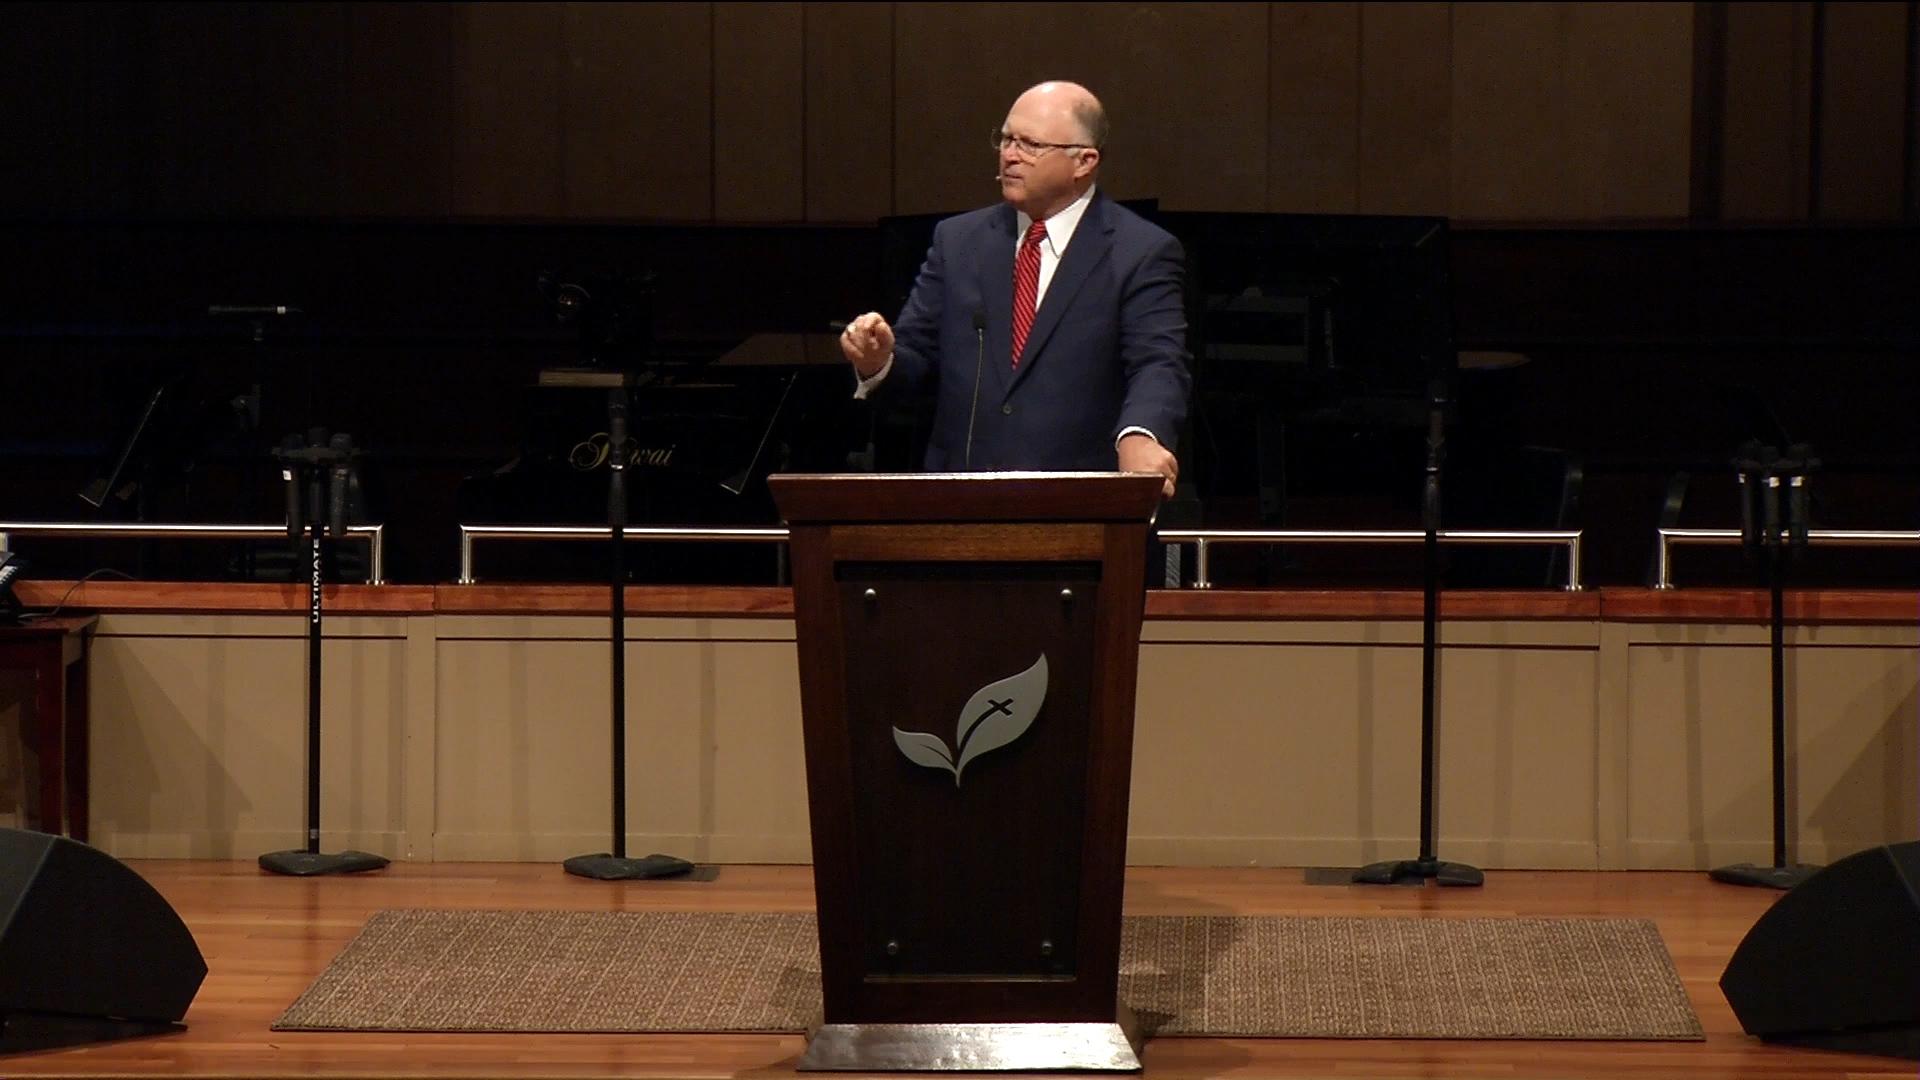 Pastor Paul Chappell: How to Raise Christ-centered Children